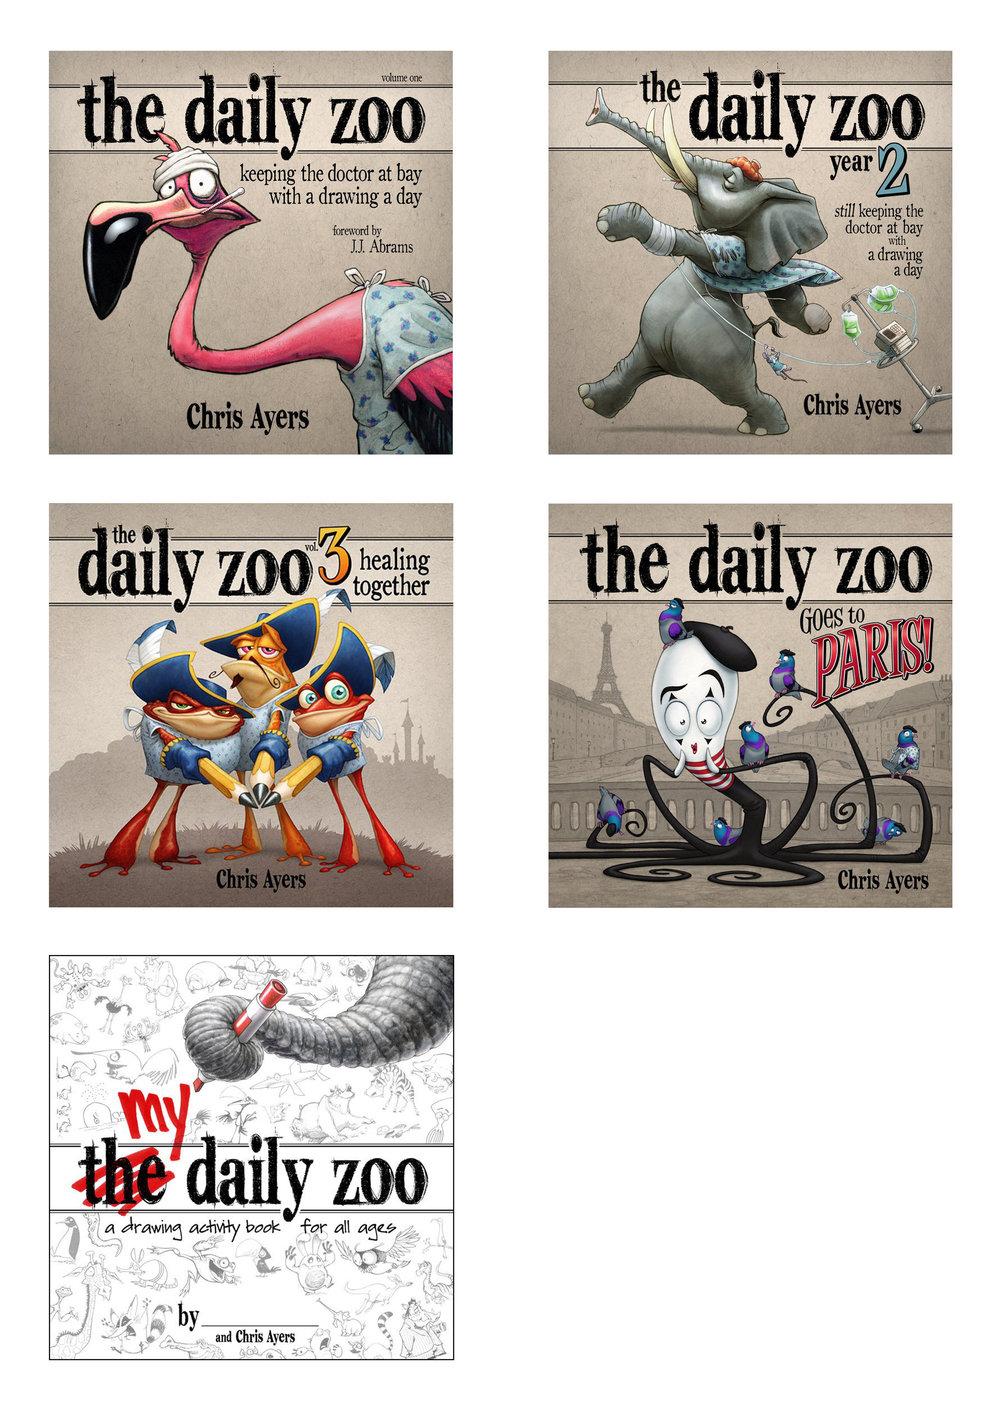 DailyZooBooks.jpg